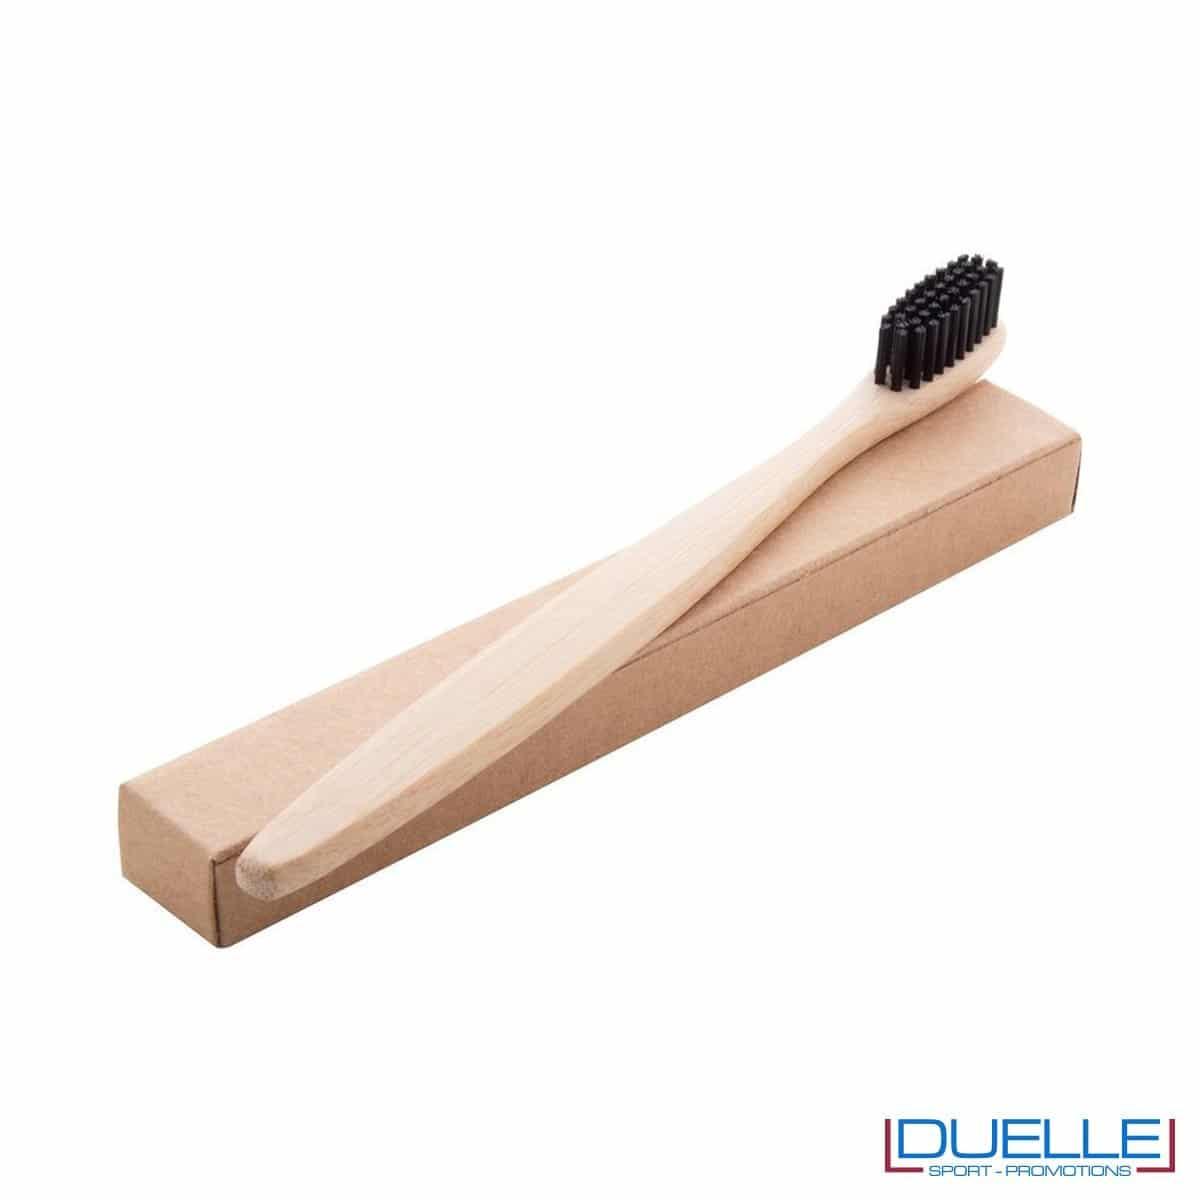 spazzolino in bamboo con setole nero personalizzato con incisione foto della confezione